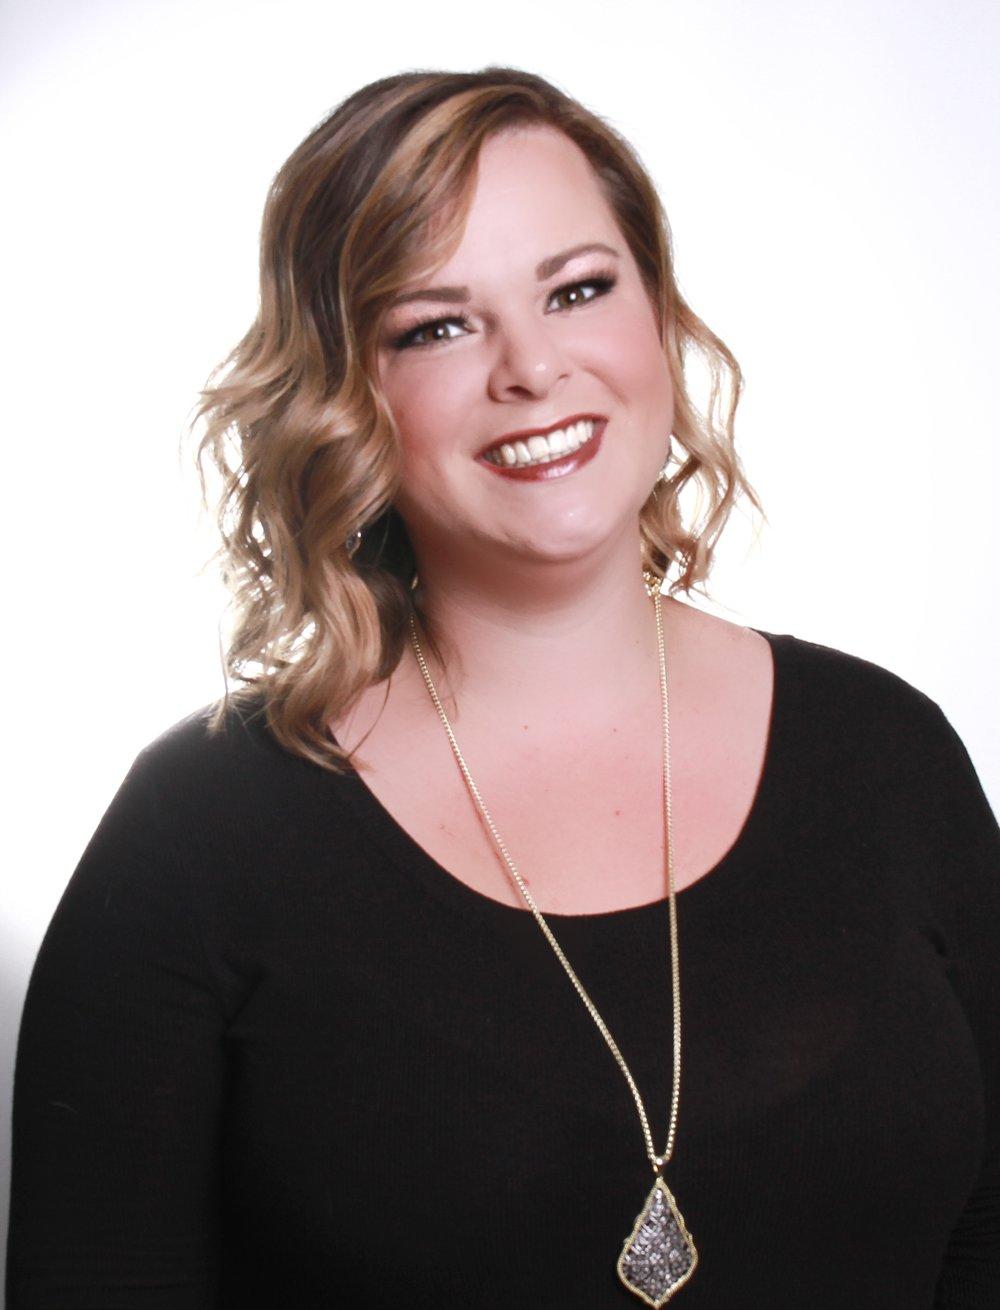 Lauren - Designer